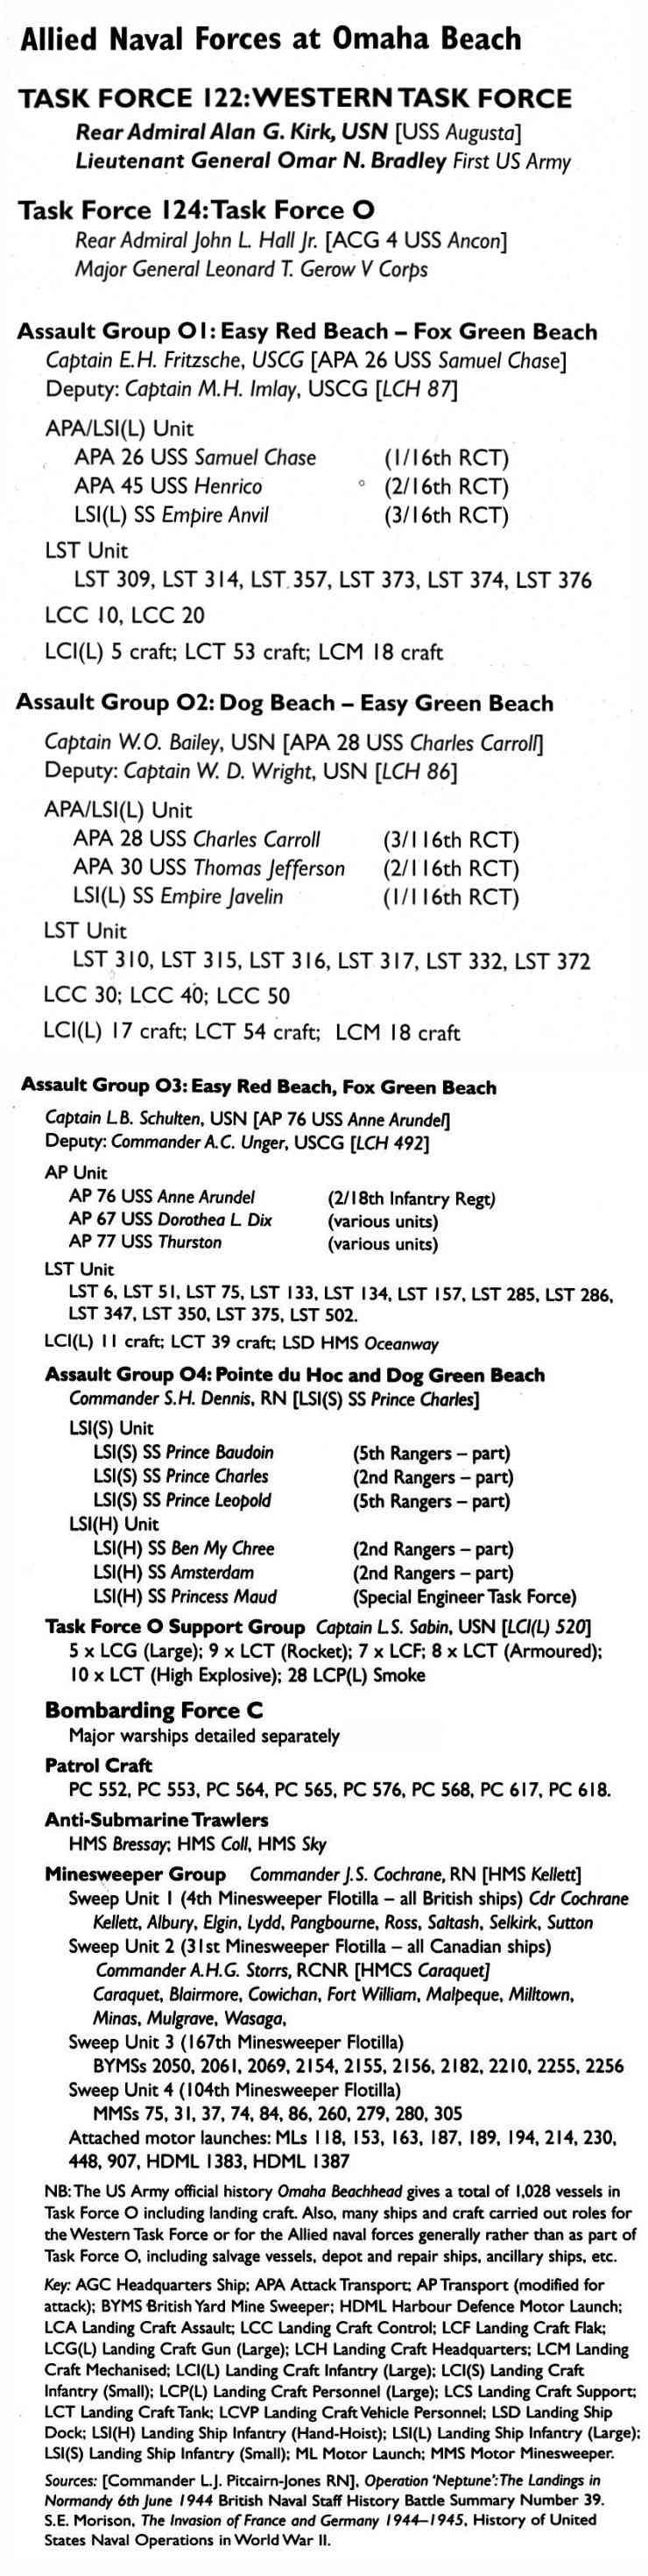 3 - Les forces navales et les bombardements navals prévus sur Omaha Beach le D DAY Forces10